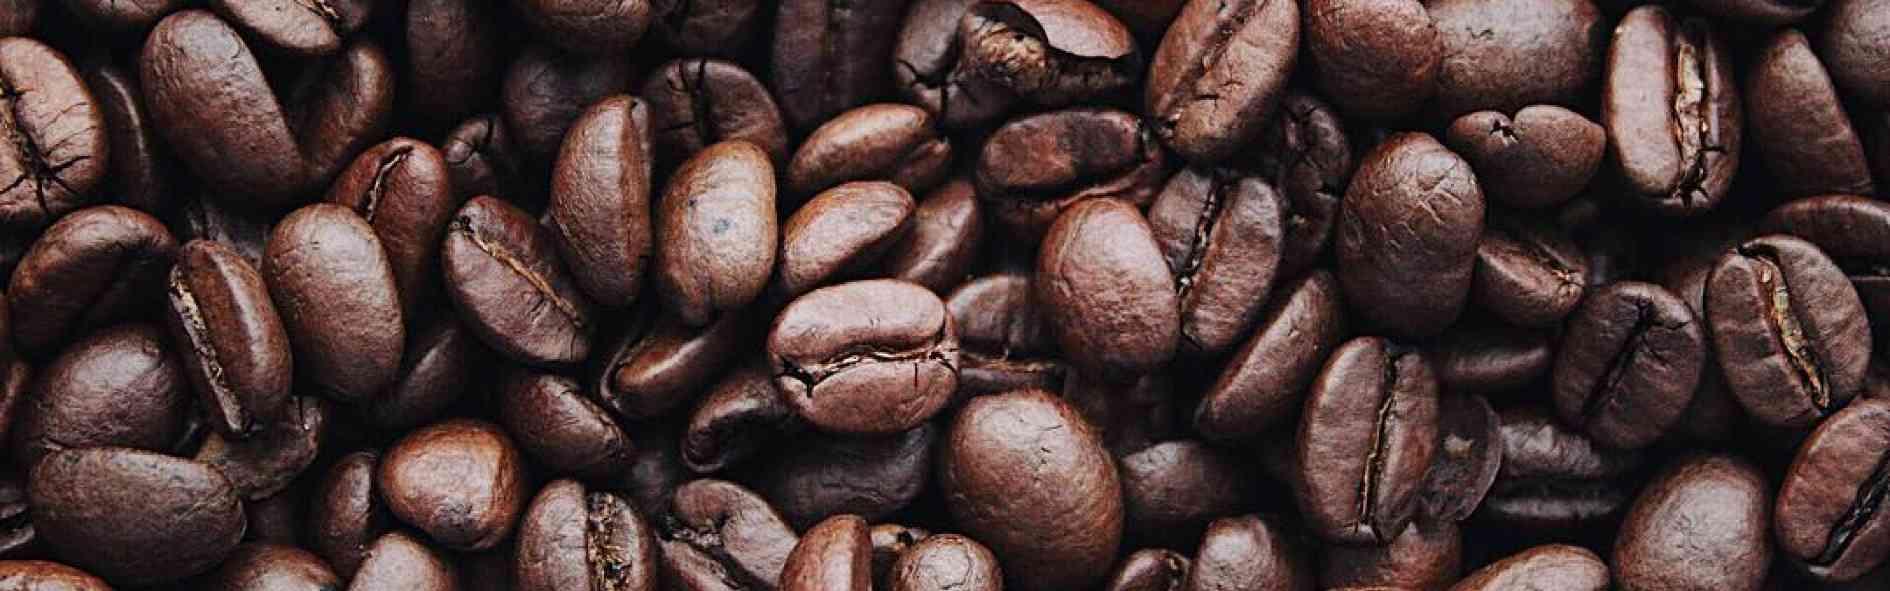 El origen del café y su cultivo